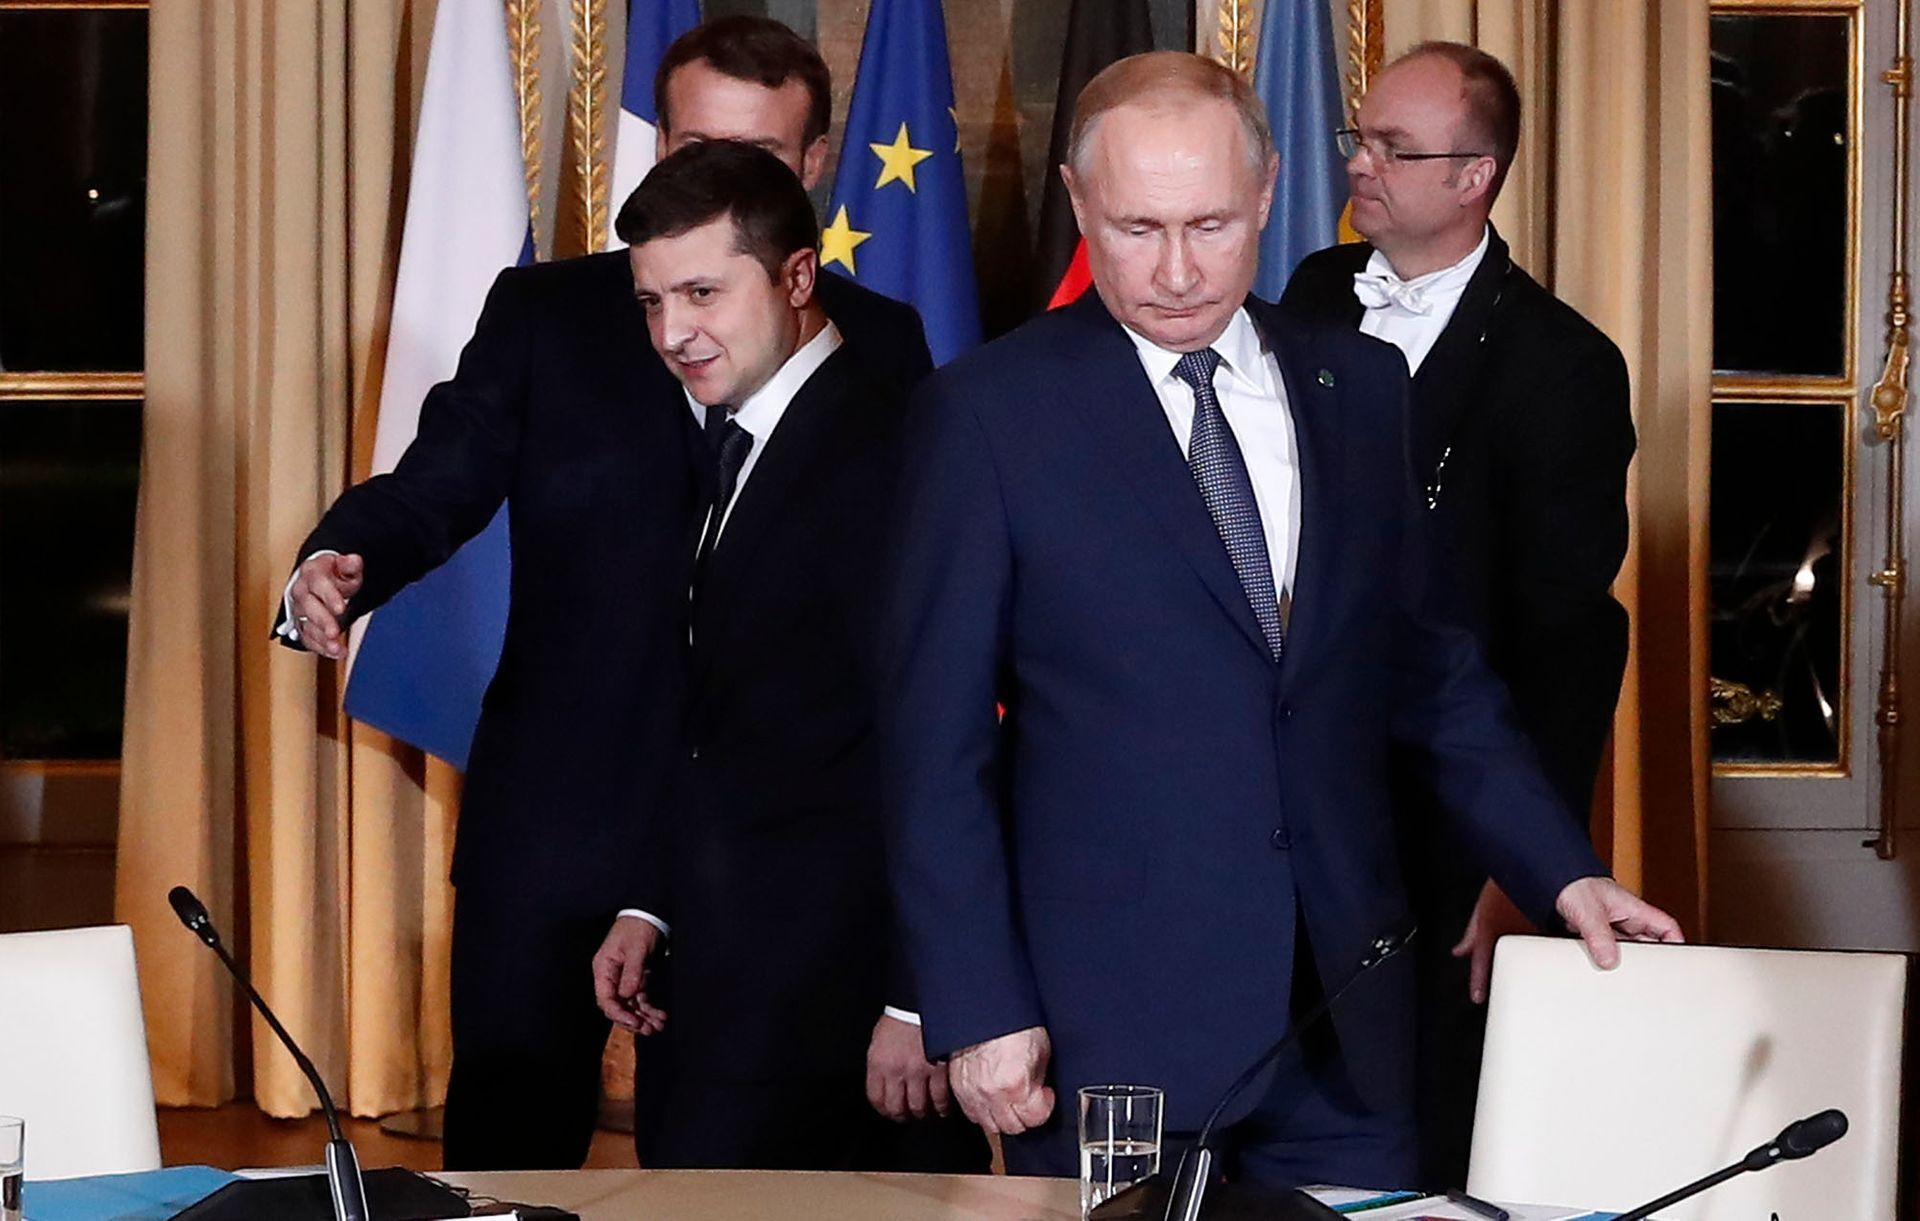 """Остання зустріч у """"нормандському форматі"""" на рівні президентів відбулася в грудні 2019 року"""